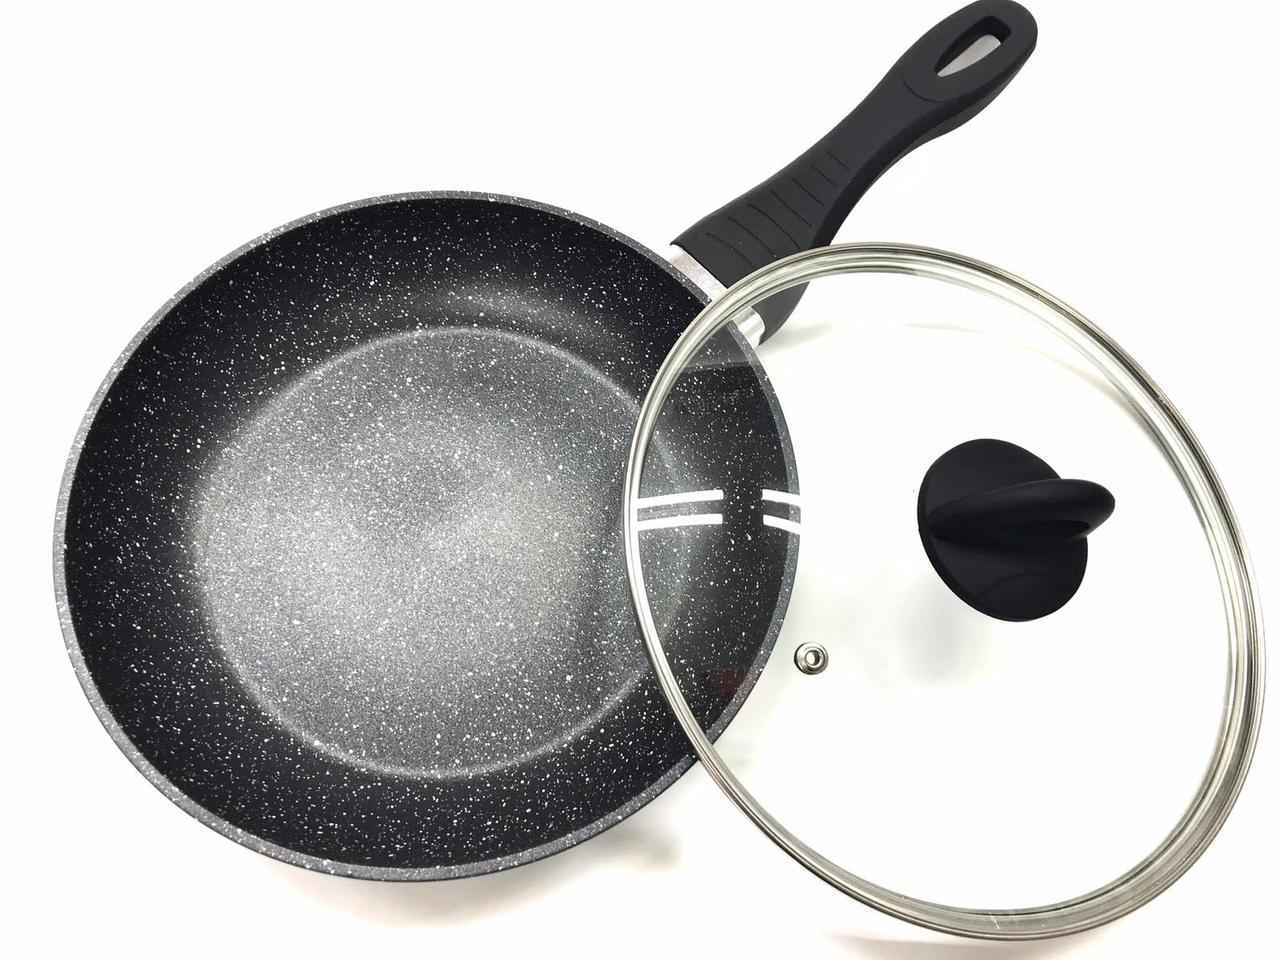 Сковорода Benson BN-569 с антипригарным мраморным покрытием (26*5см) индукция, бакелитовая ручка   сковородка